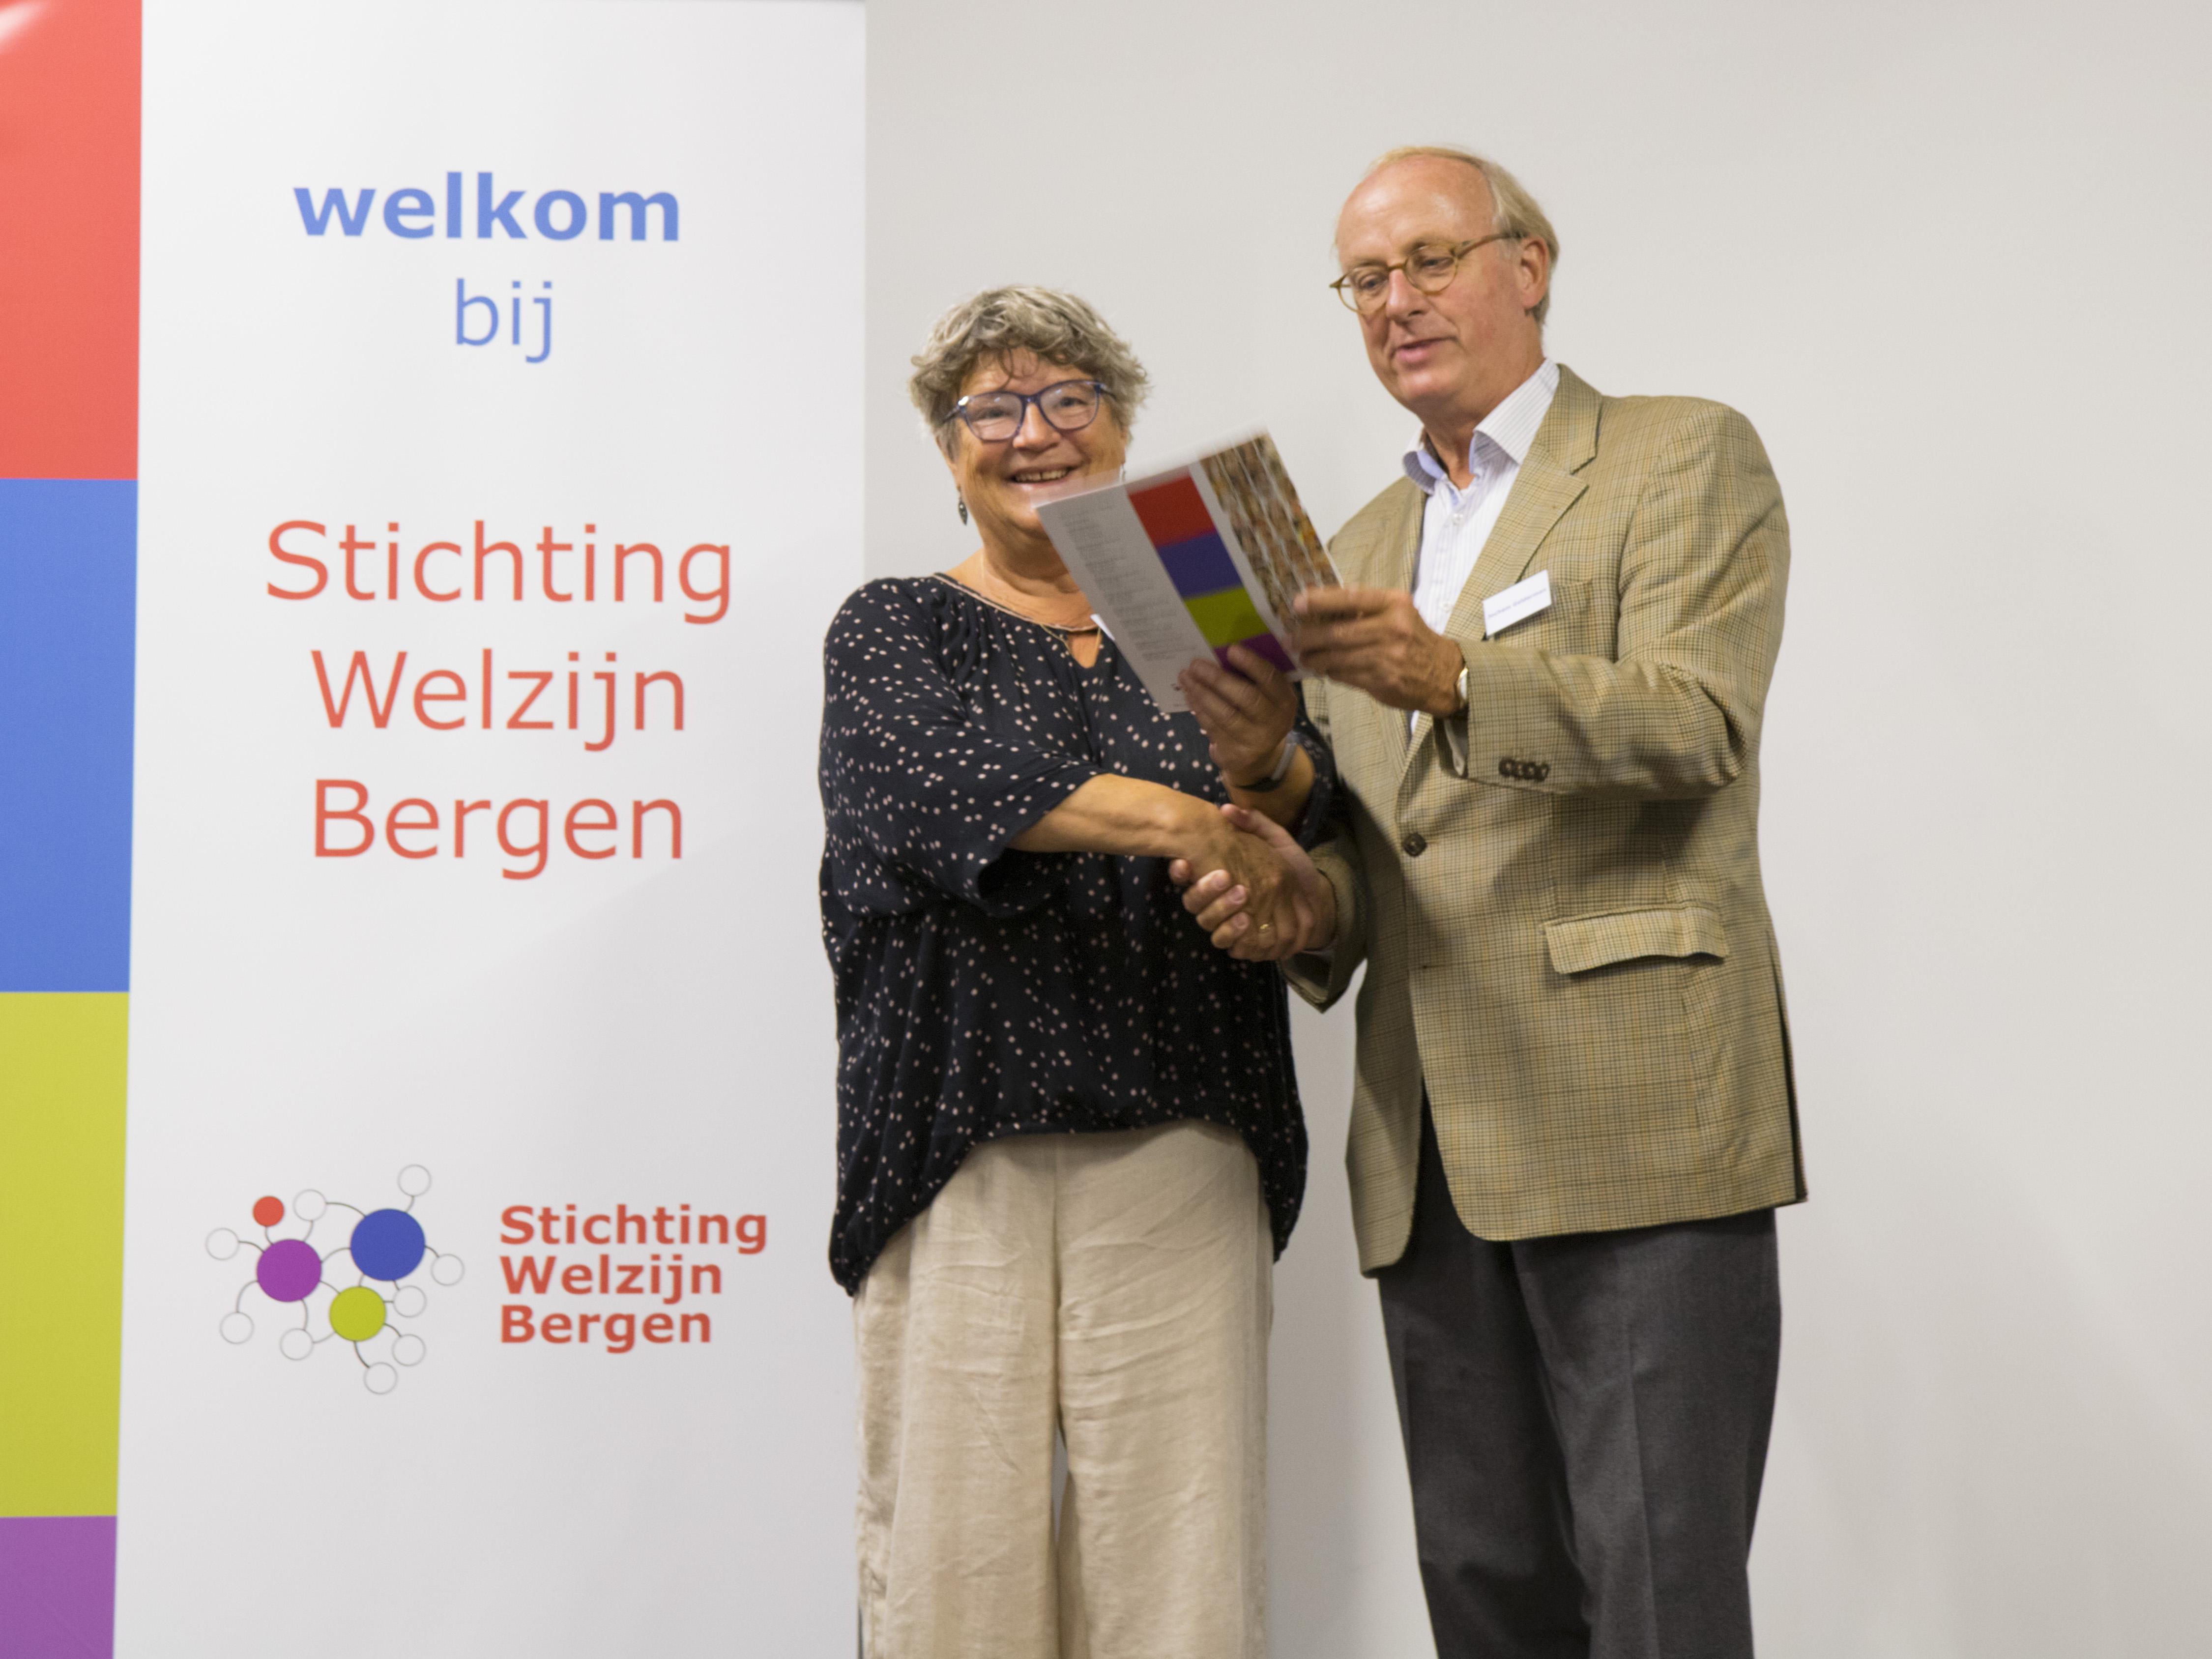 Renske de Vreede ontving het eerste exemplaar 'Wij zijn' van Stichting Welzijn Bergen uit handen van Jochem Gelderman. (Foto: aangeleverd).